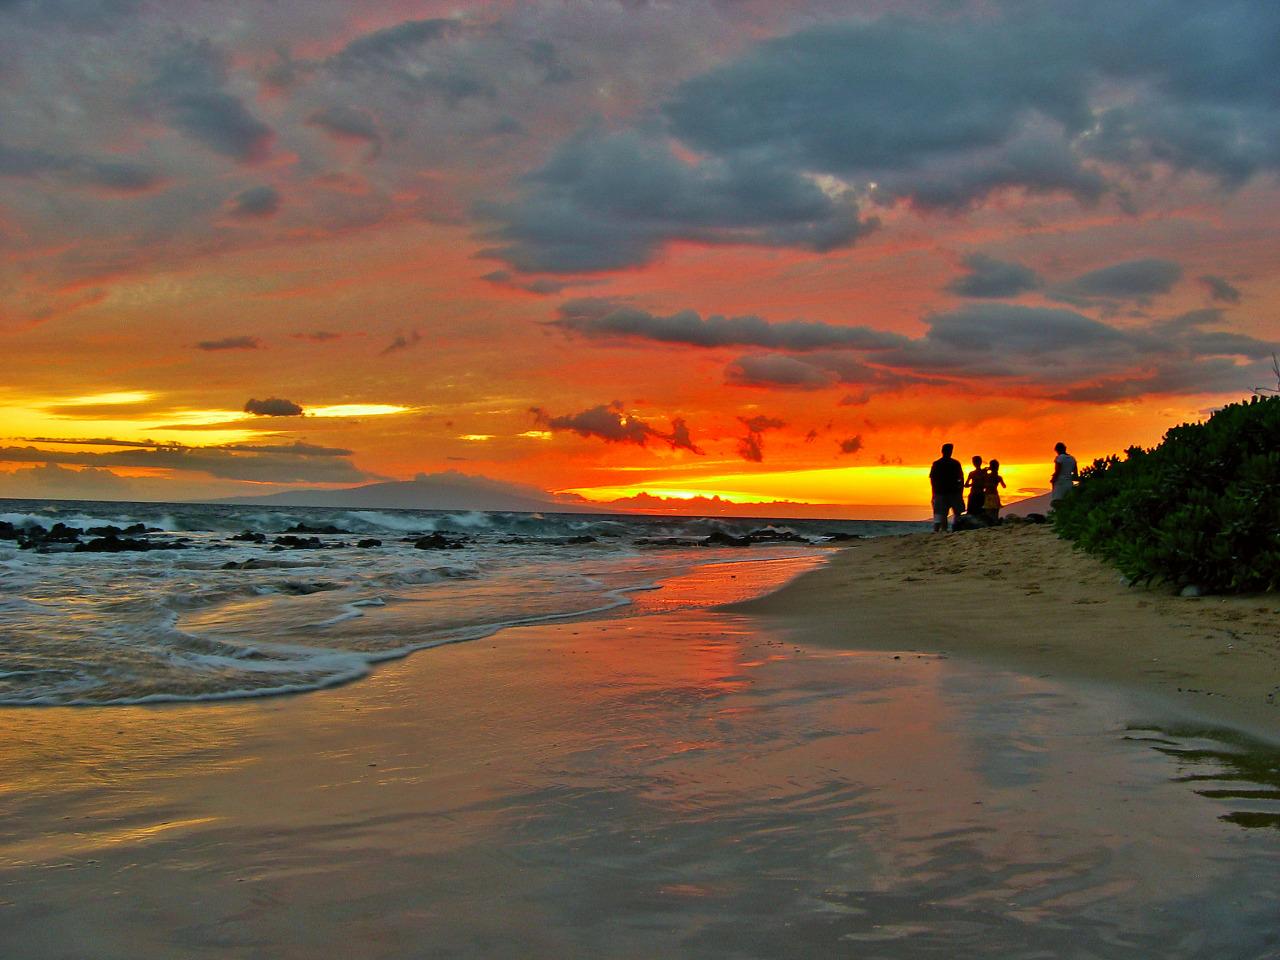 The Sky of Maui is on Fire